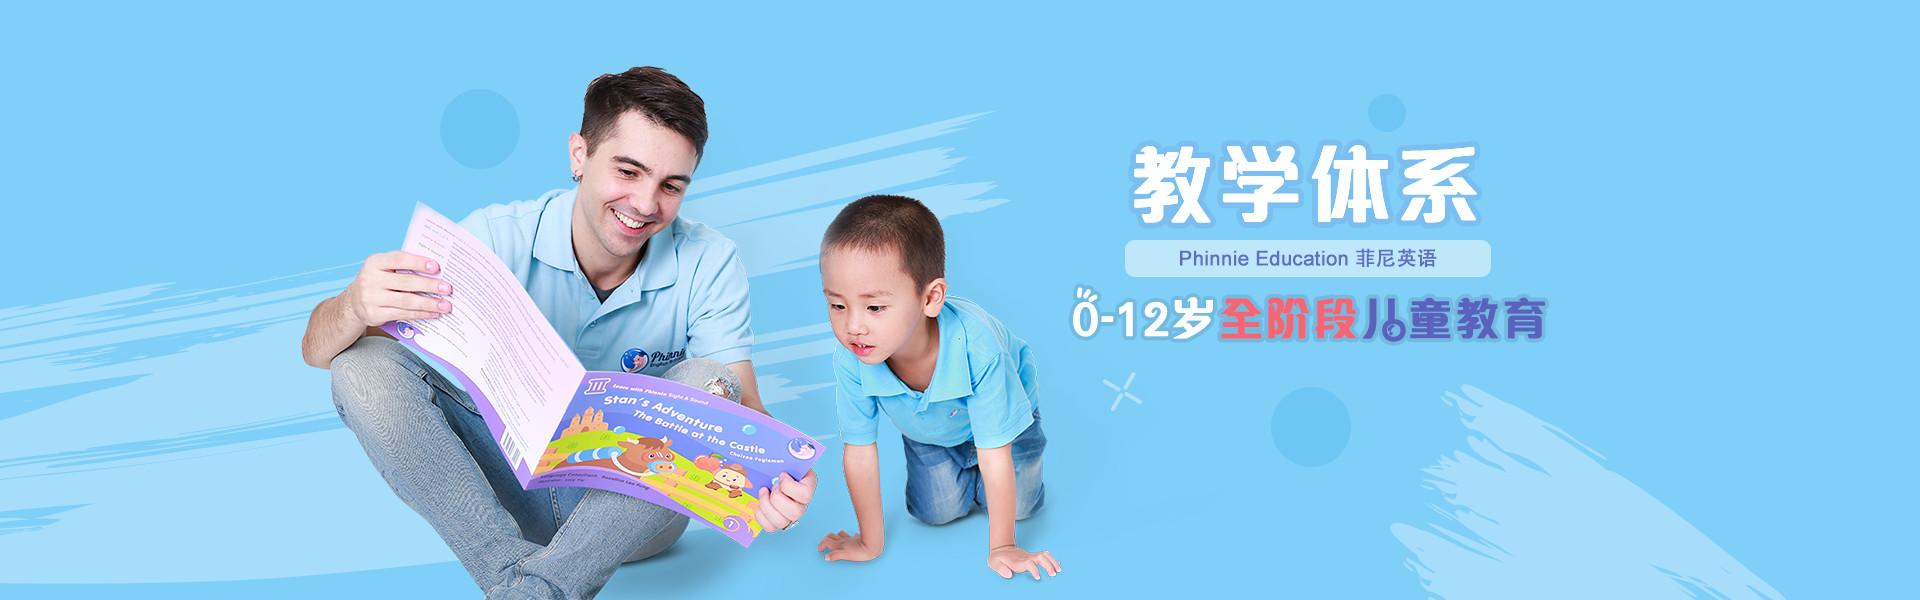 北京少儿英语培训机构排行榜